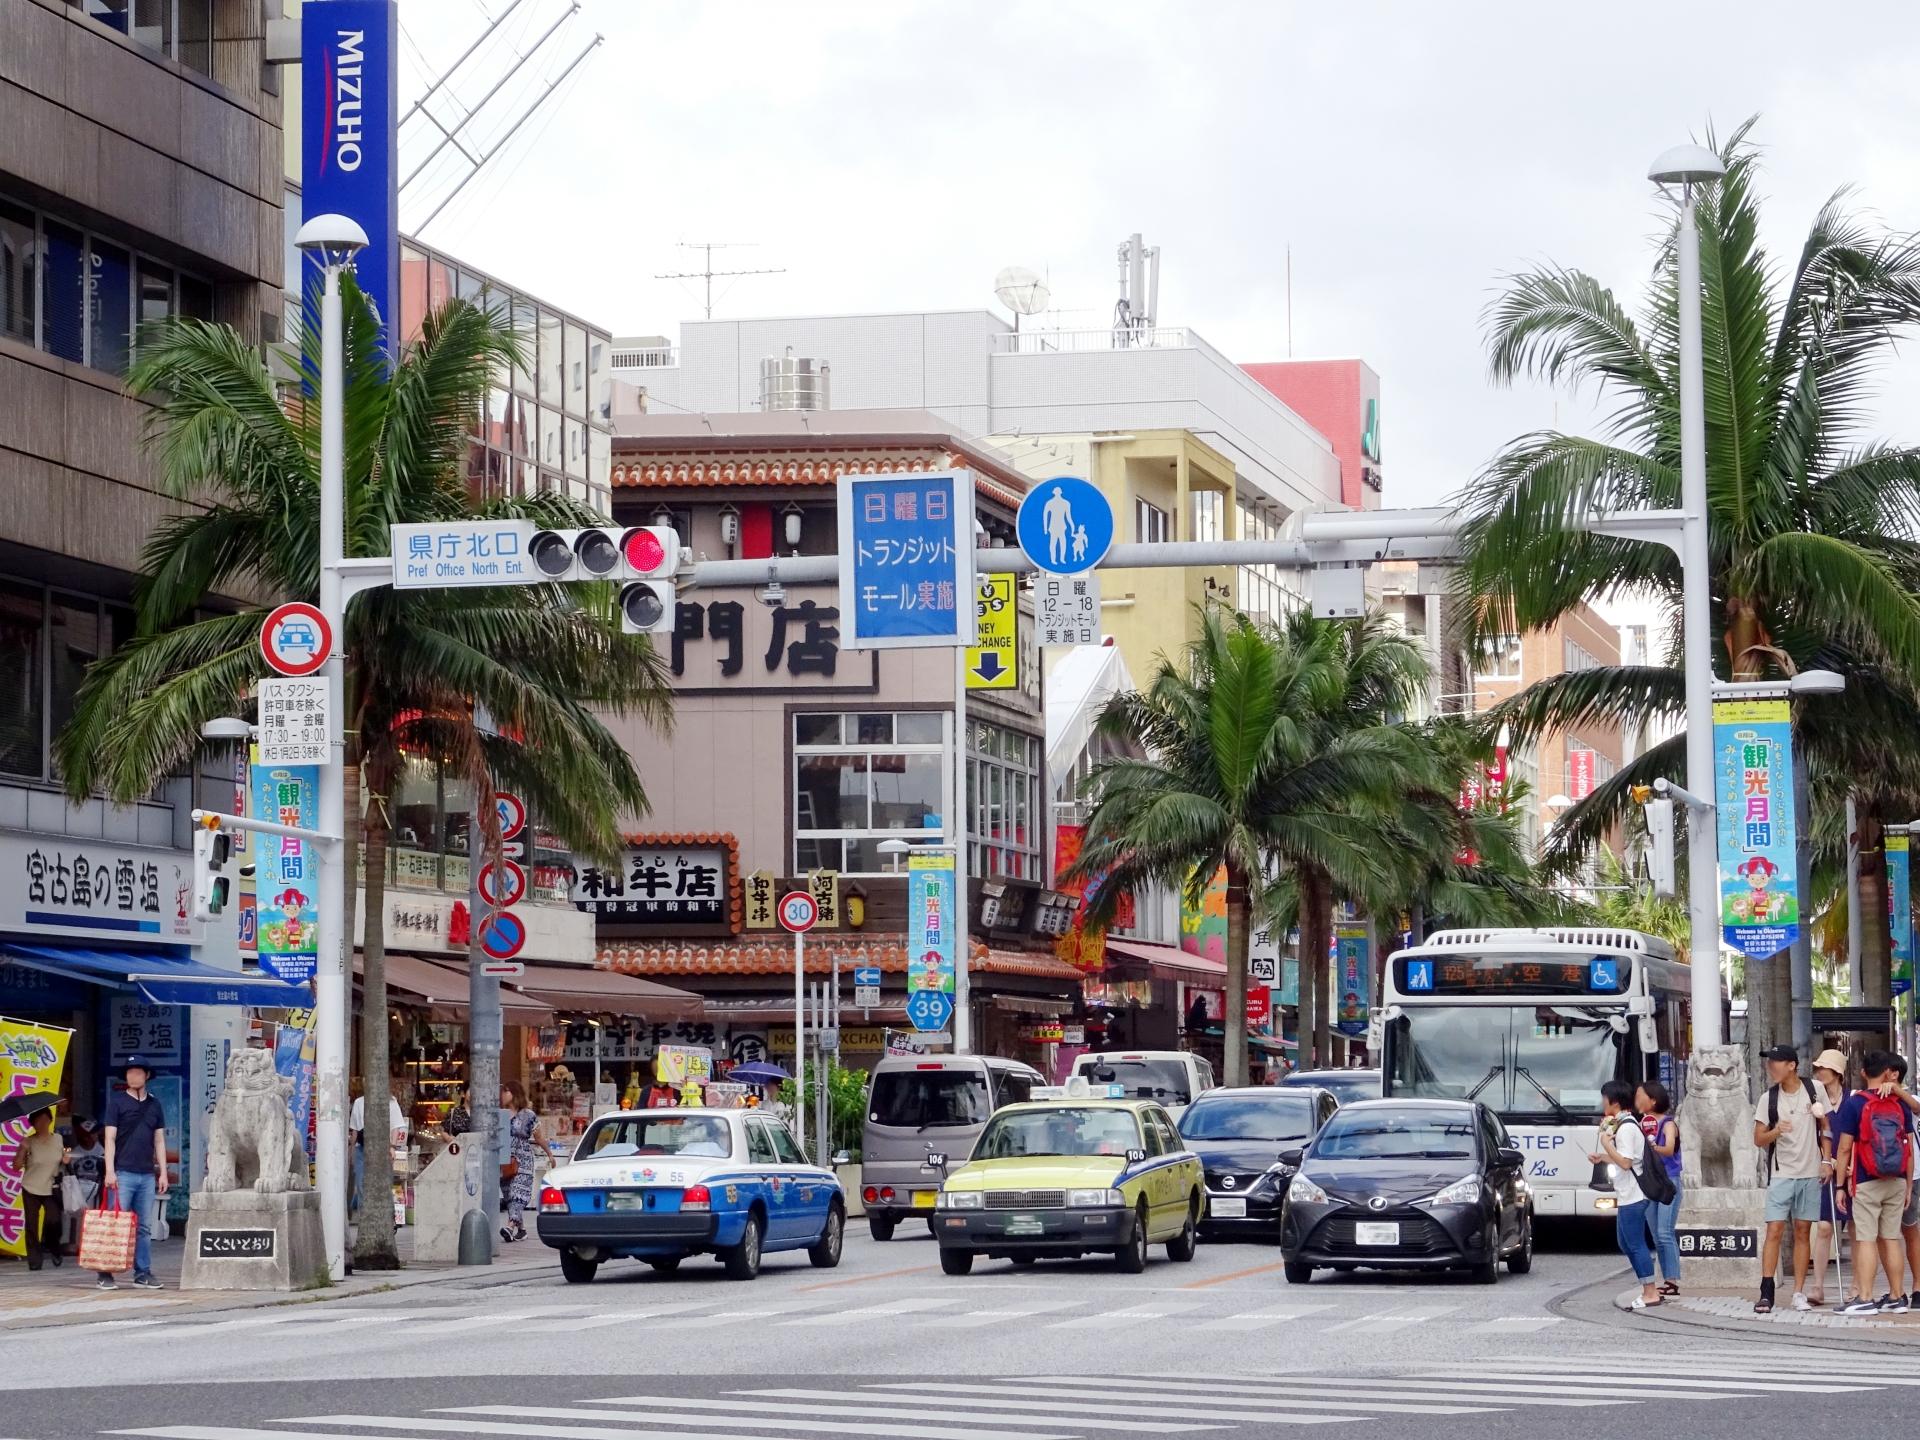 沖縄で商売するならMEOが重要な理由とは?